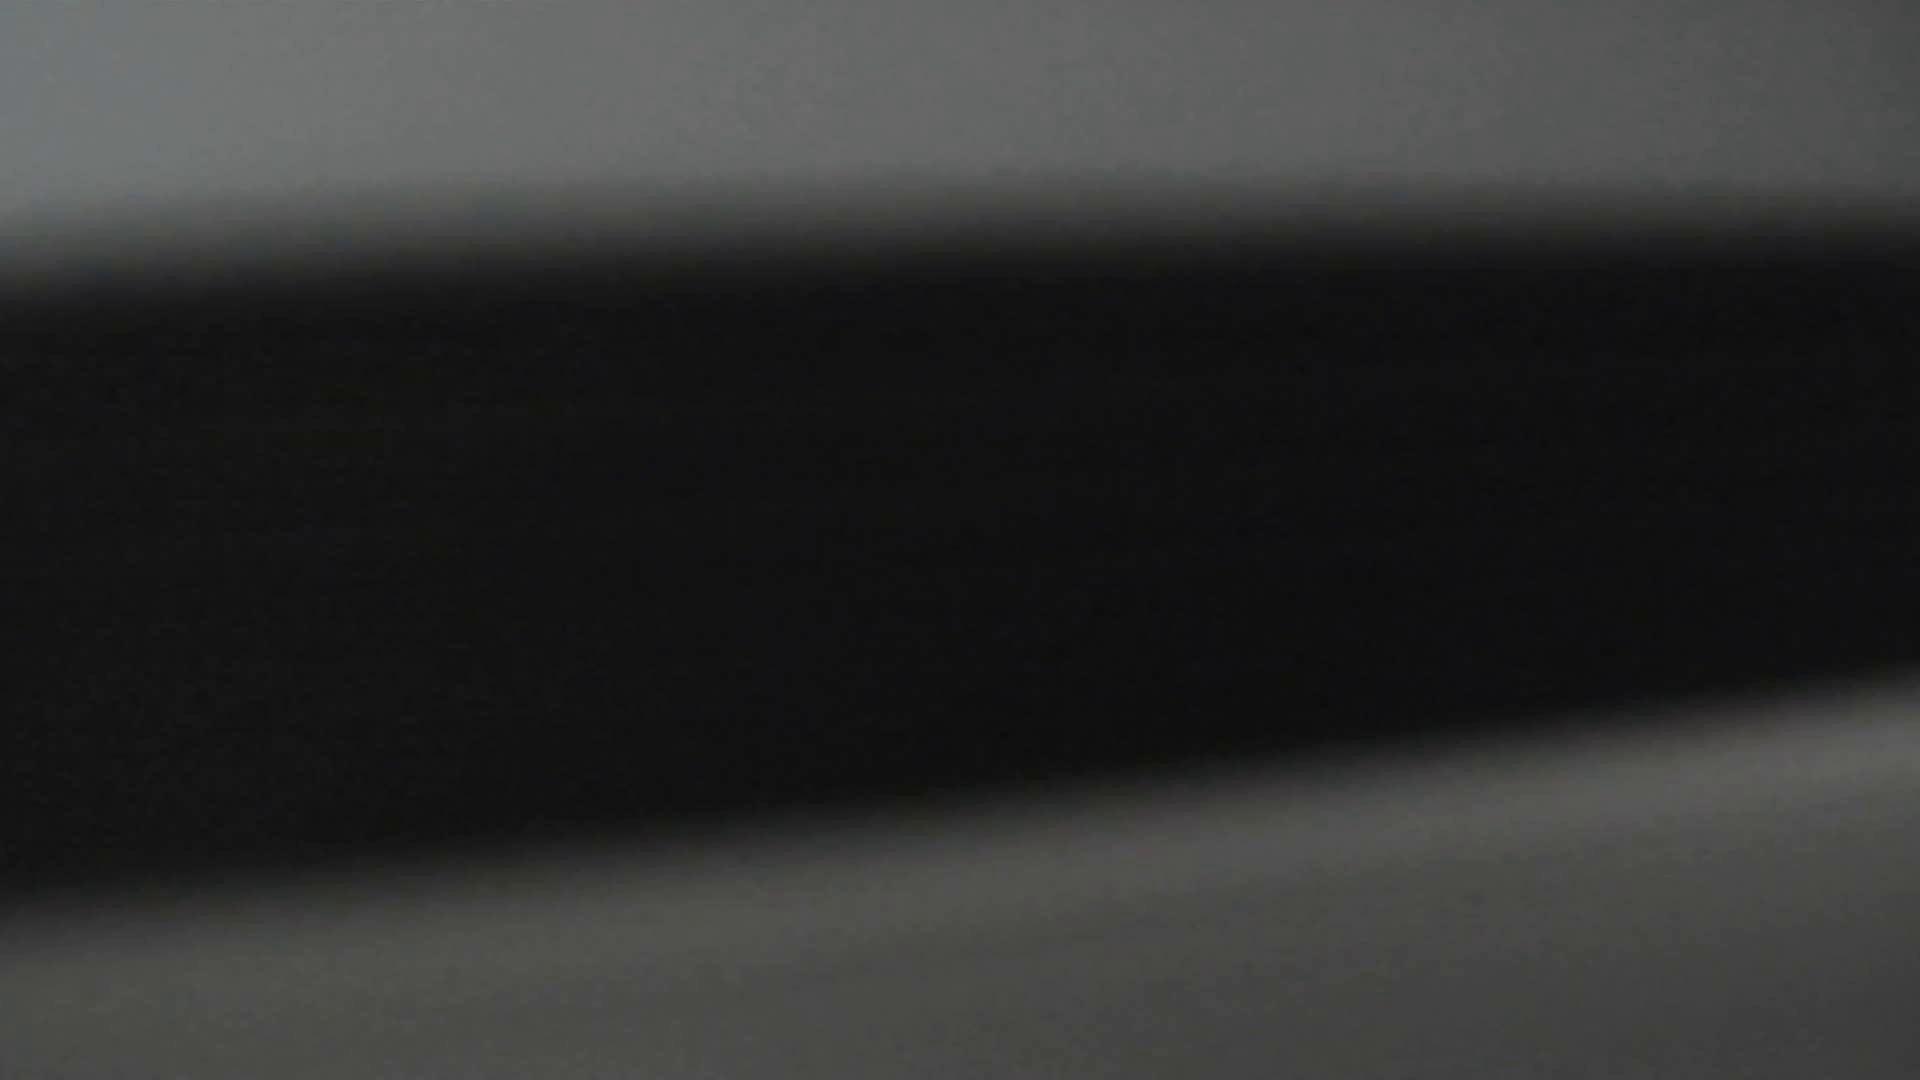 vol.24 命がけ潜伏洗面所! 三十時間潜り、一つしか出会えない完璧桃尻編 洗面所突入  103pic 20